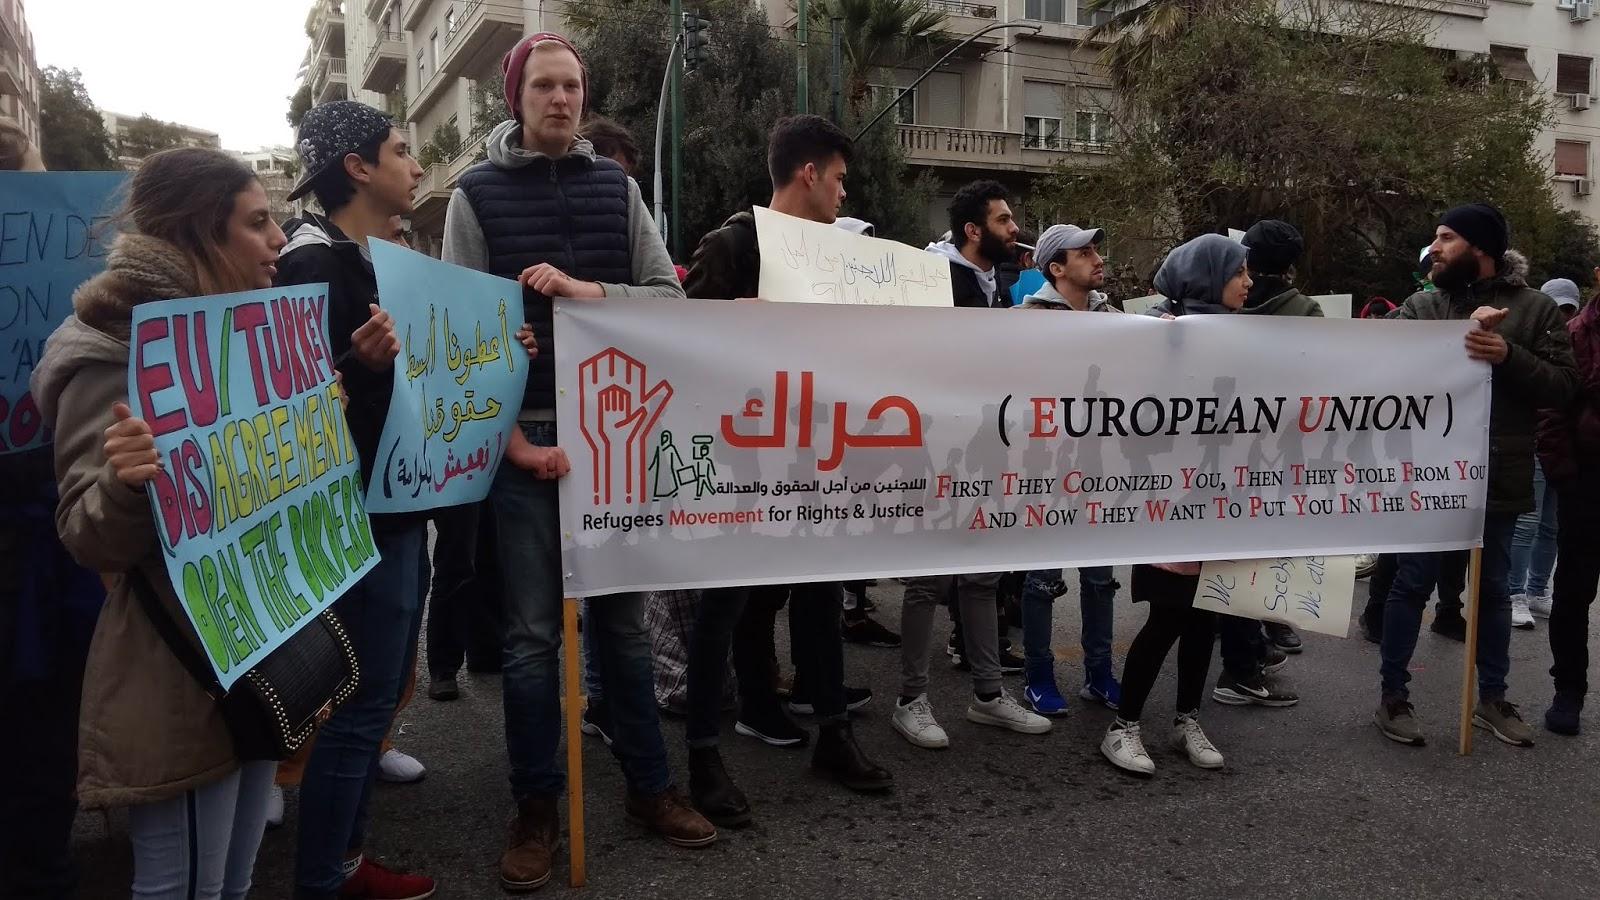 74e59652887e ... στα γραφεία της Ε.Ε. κατά της απόφασης της ΕΕ και της Ελληνικής  Κυβέρνησης να εξώσουν τις οικογένειες των προσφύγων που ζουν το τελευταίο  διάστημα σε ...